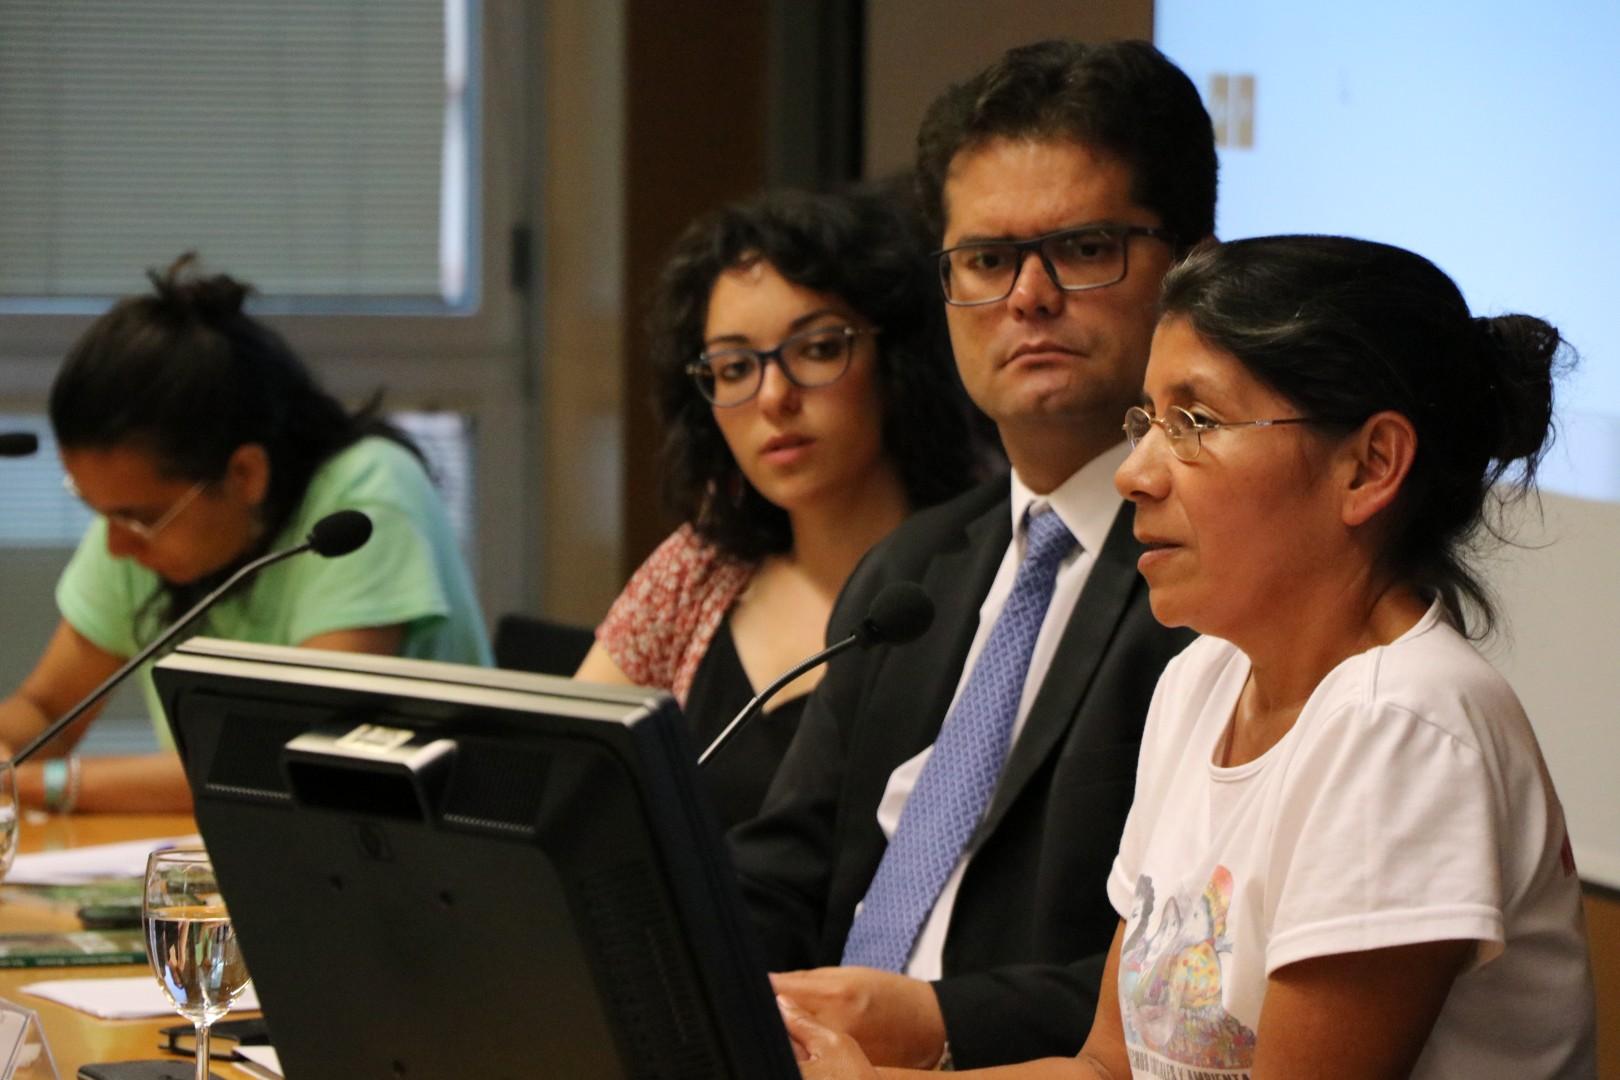 Les jornades van comptar amb el testimoni de Vidalina Morales, de la xarxa llatinoamericana de dones defensores.